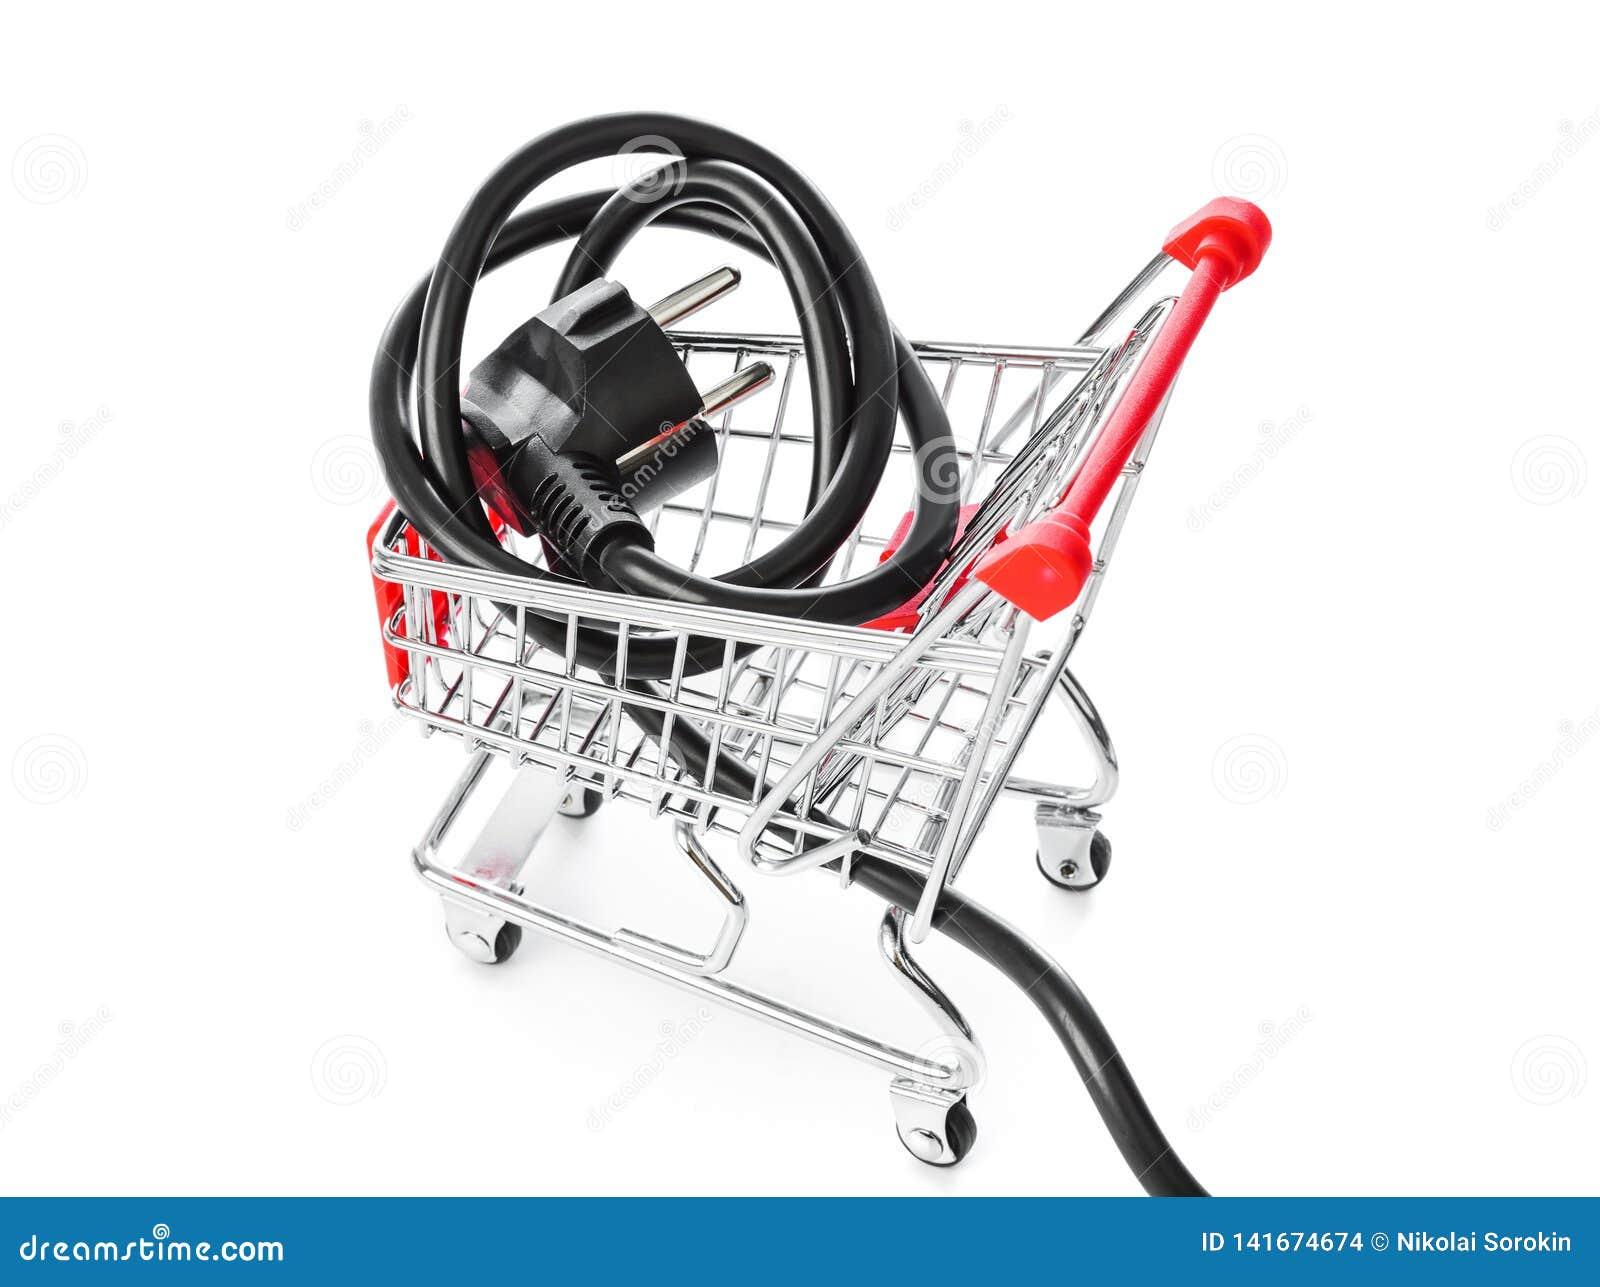 Elektrisch schließen Sie Einkaufswagen an